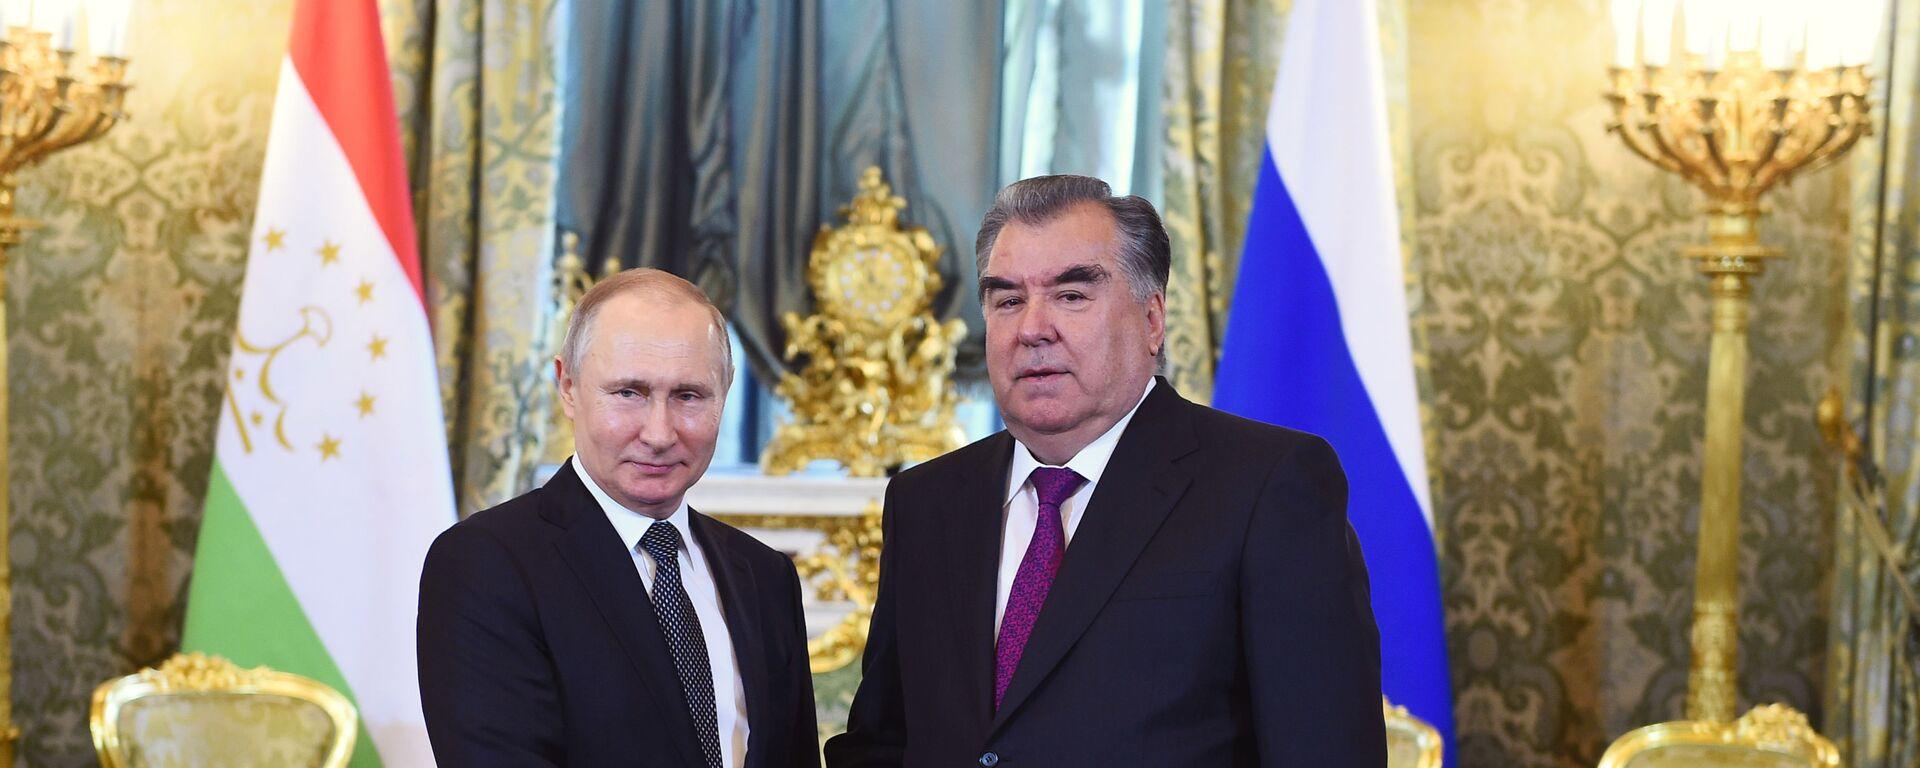 Президент России Владимир Путин и президент Таджикистана Эмомали Рахмон в Кремле - Sputnik Таджикистан, 1920, 19.05.2021